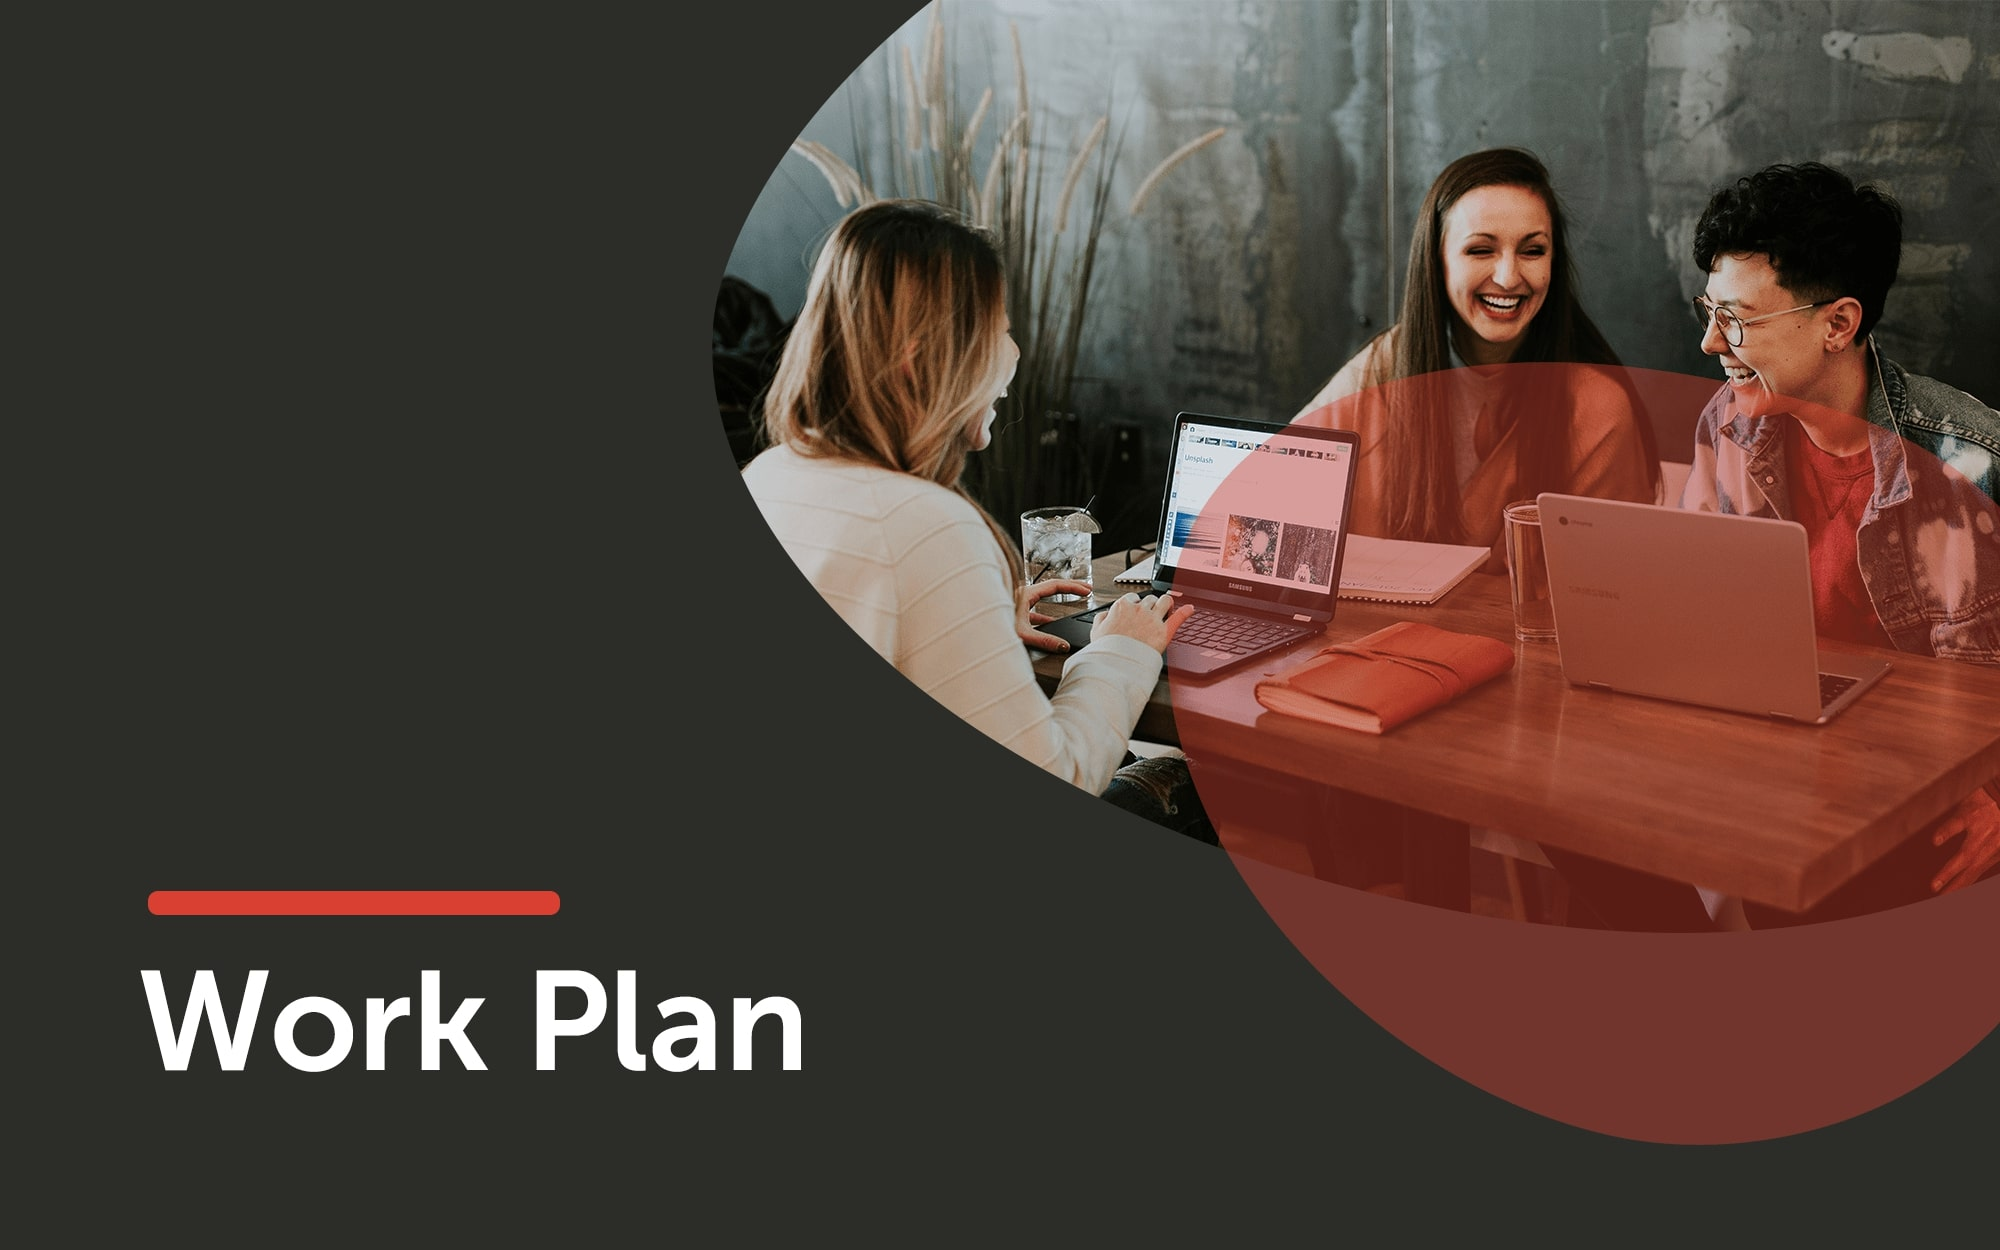 Work plan templates